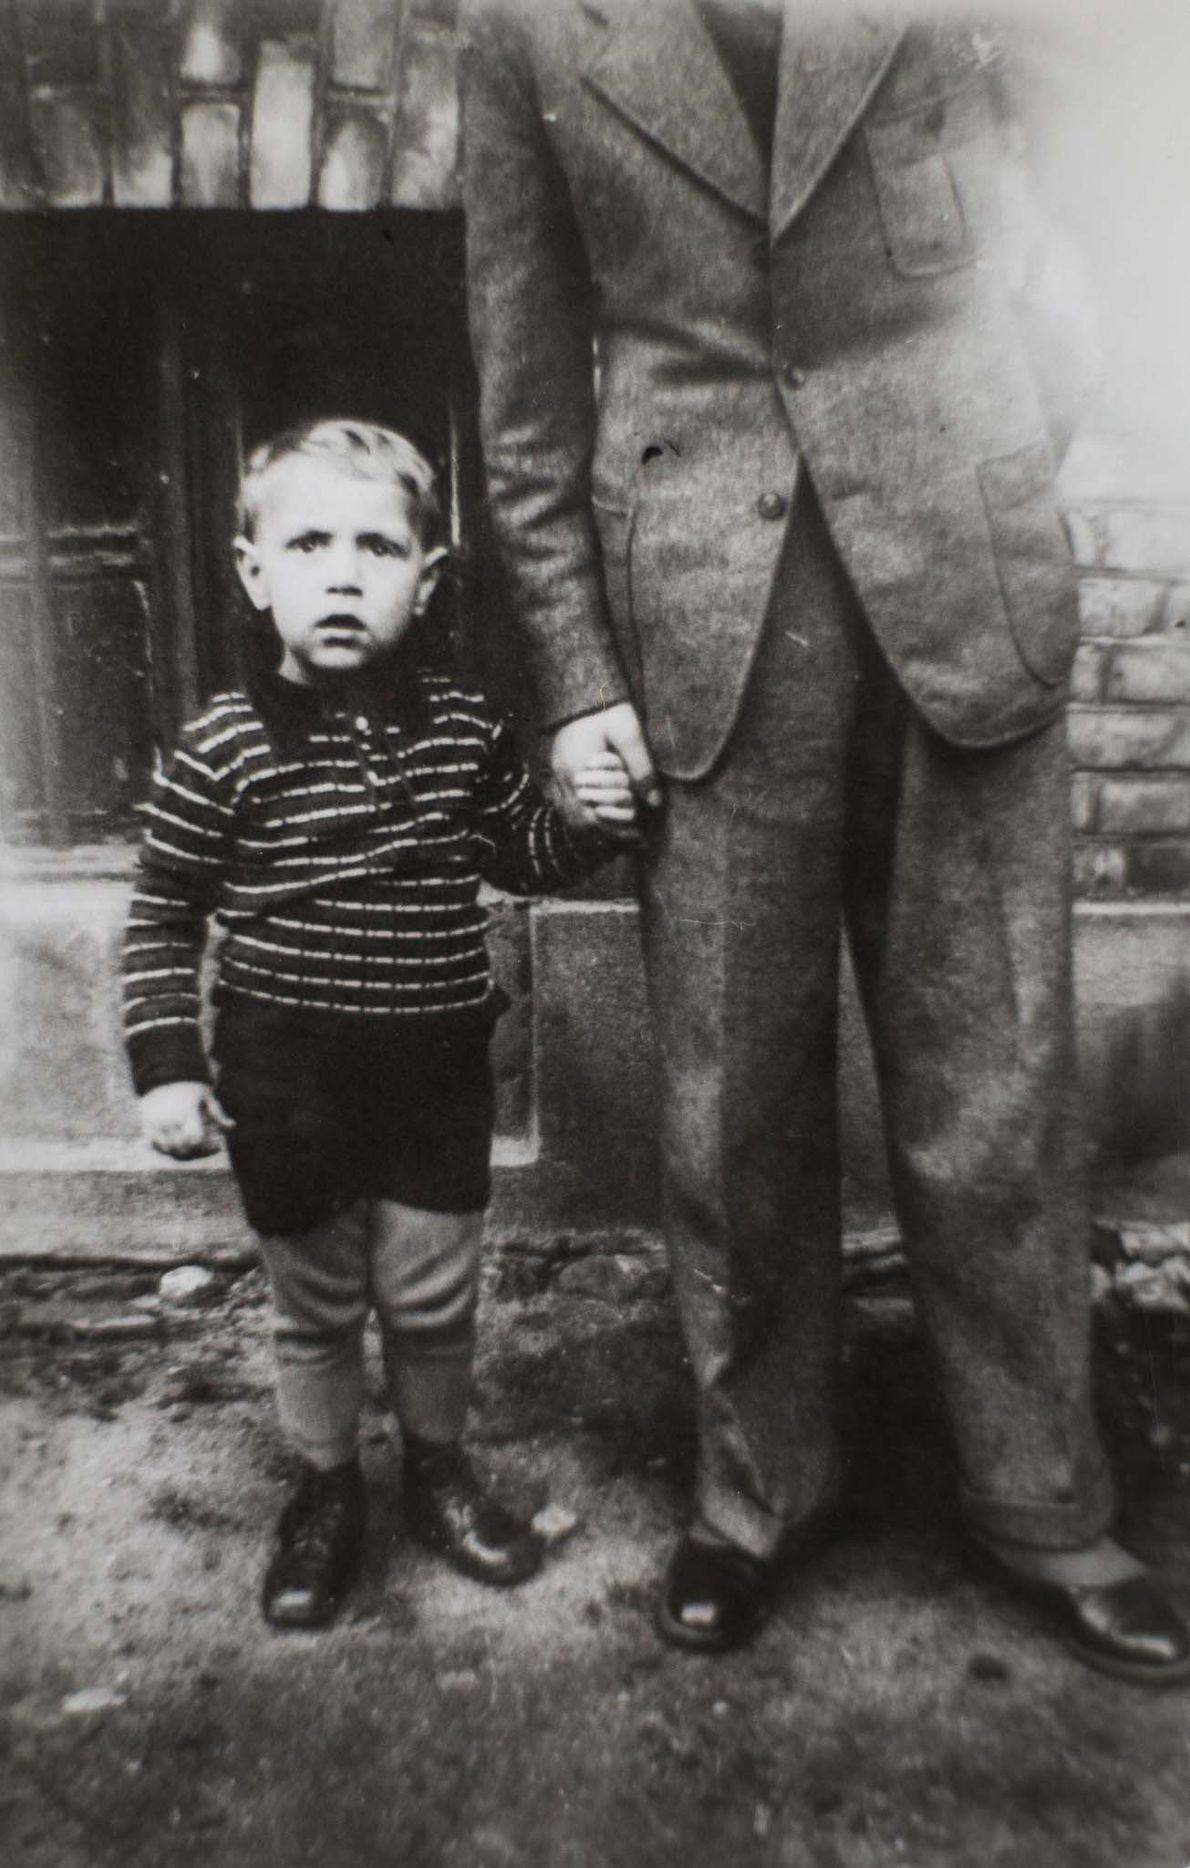 Born in 1936, Reinhard was three years old when the war began.